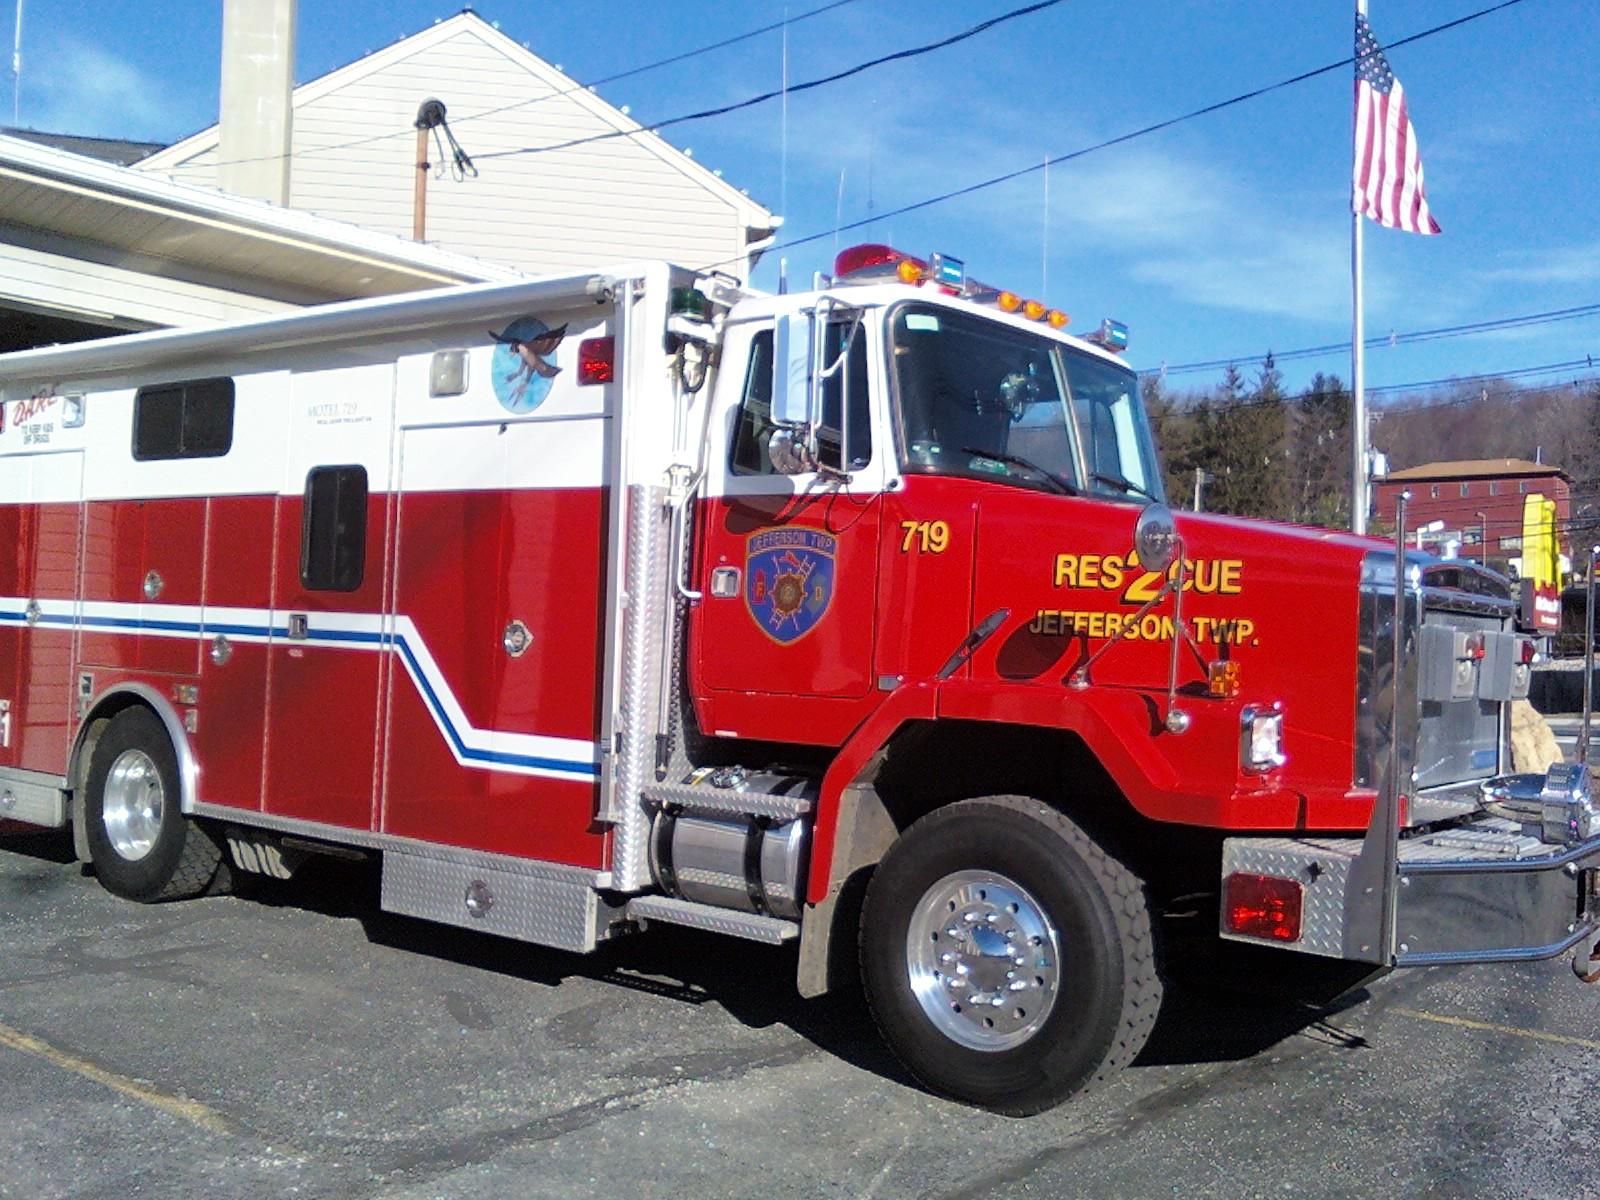 Rescue 719